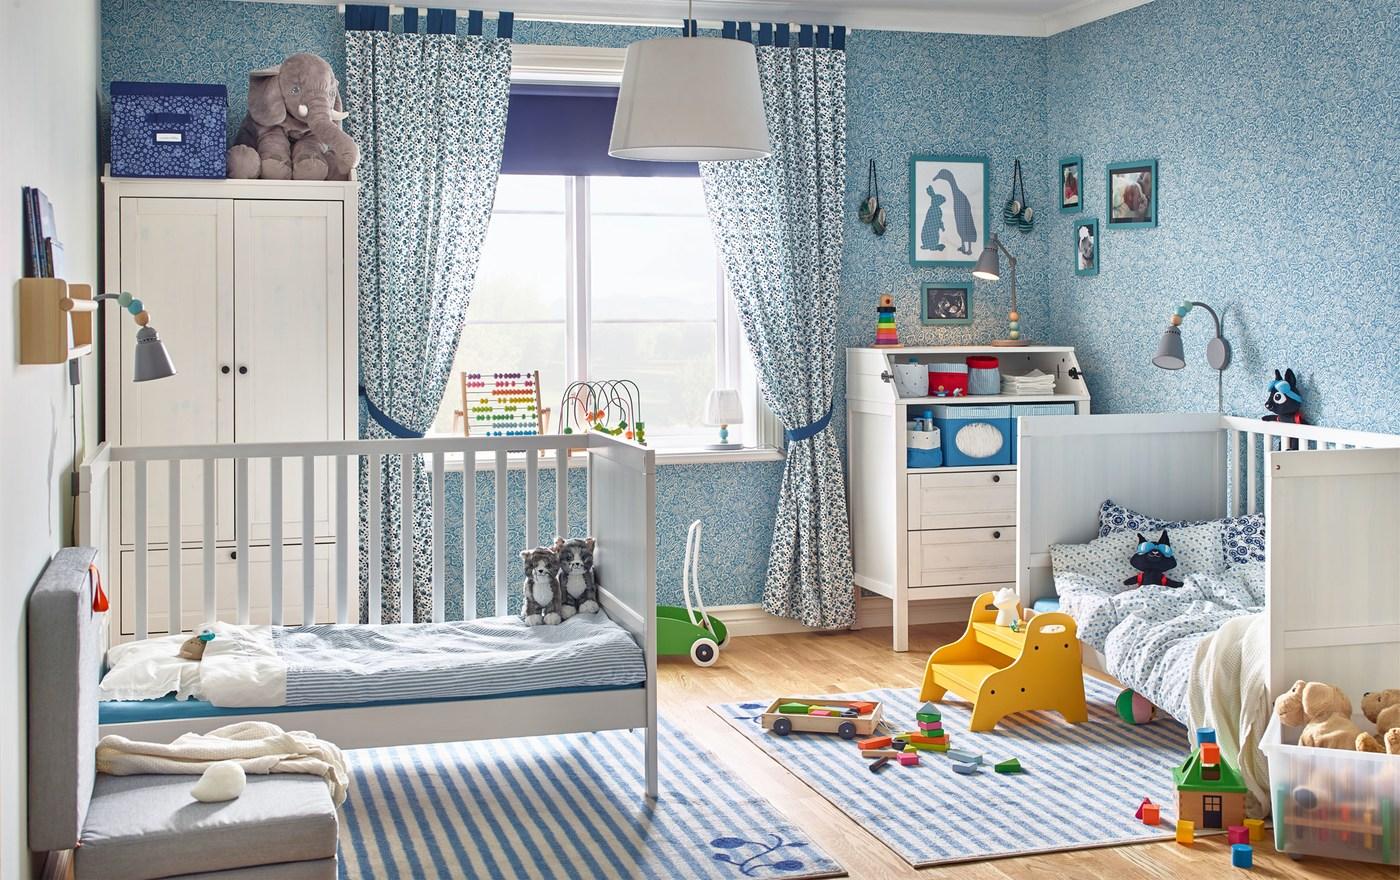 Bébé Ikea Enfant Chambre Et Enfant Bébé Ikea Bébé Chambre Chambre Et 2IDWHE9Y